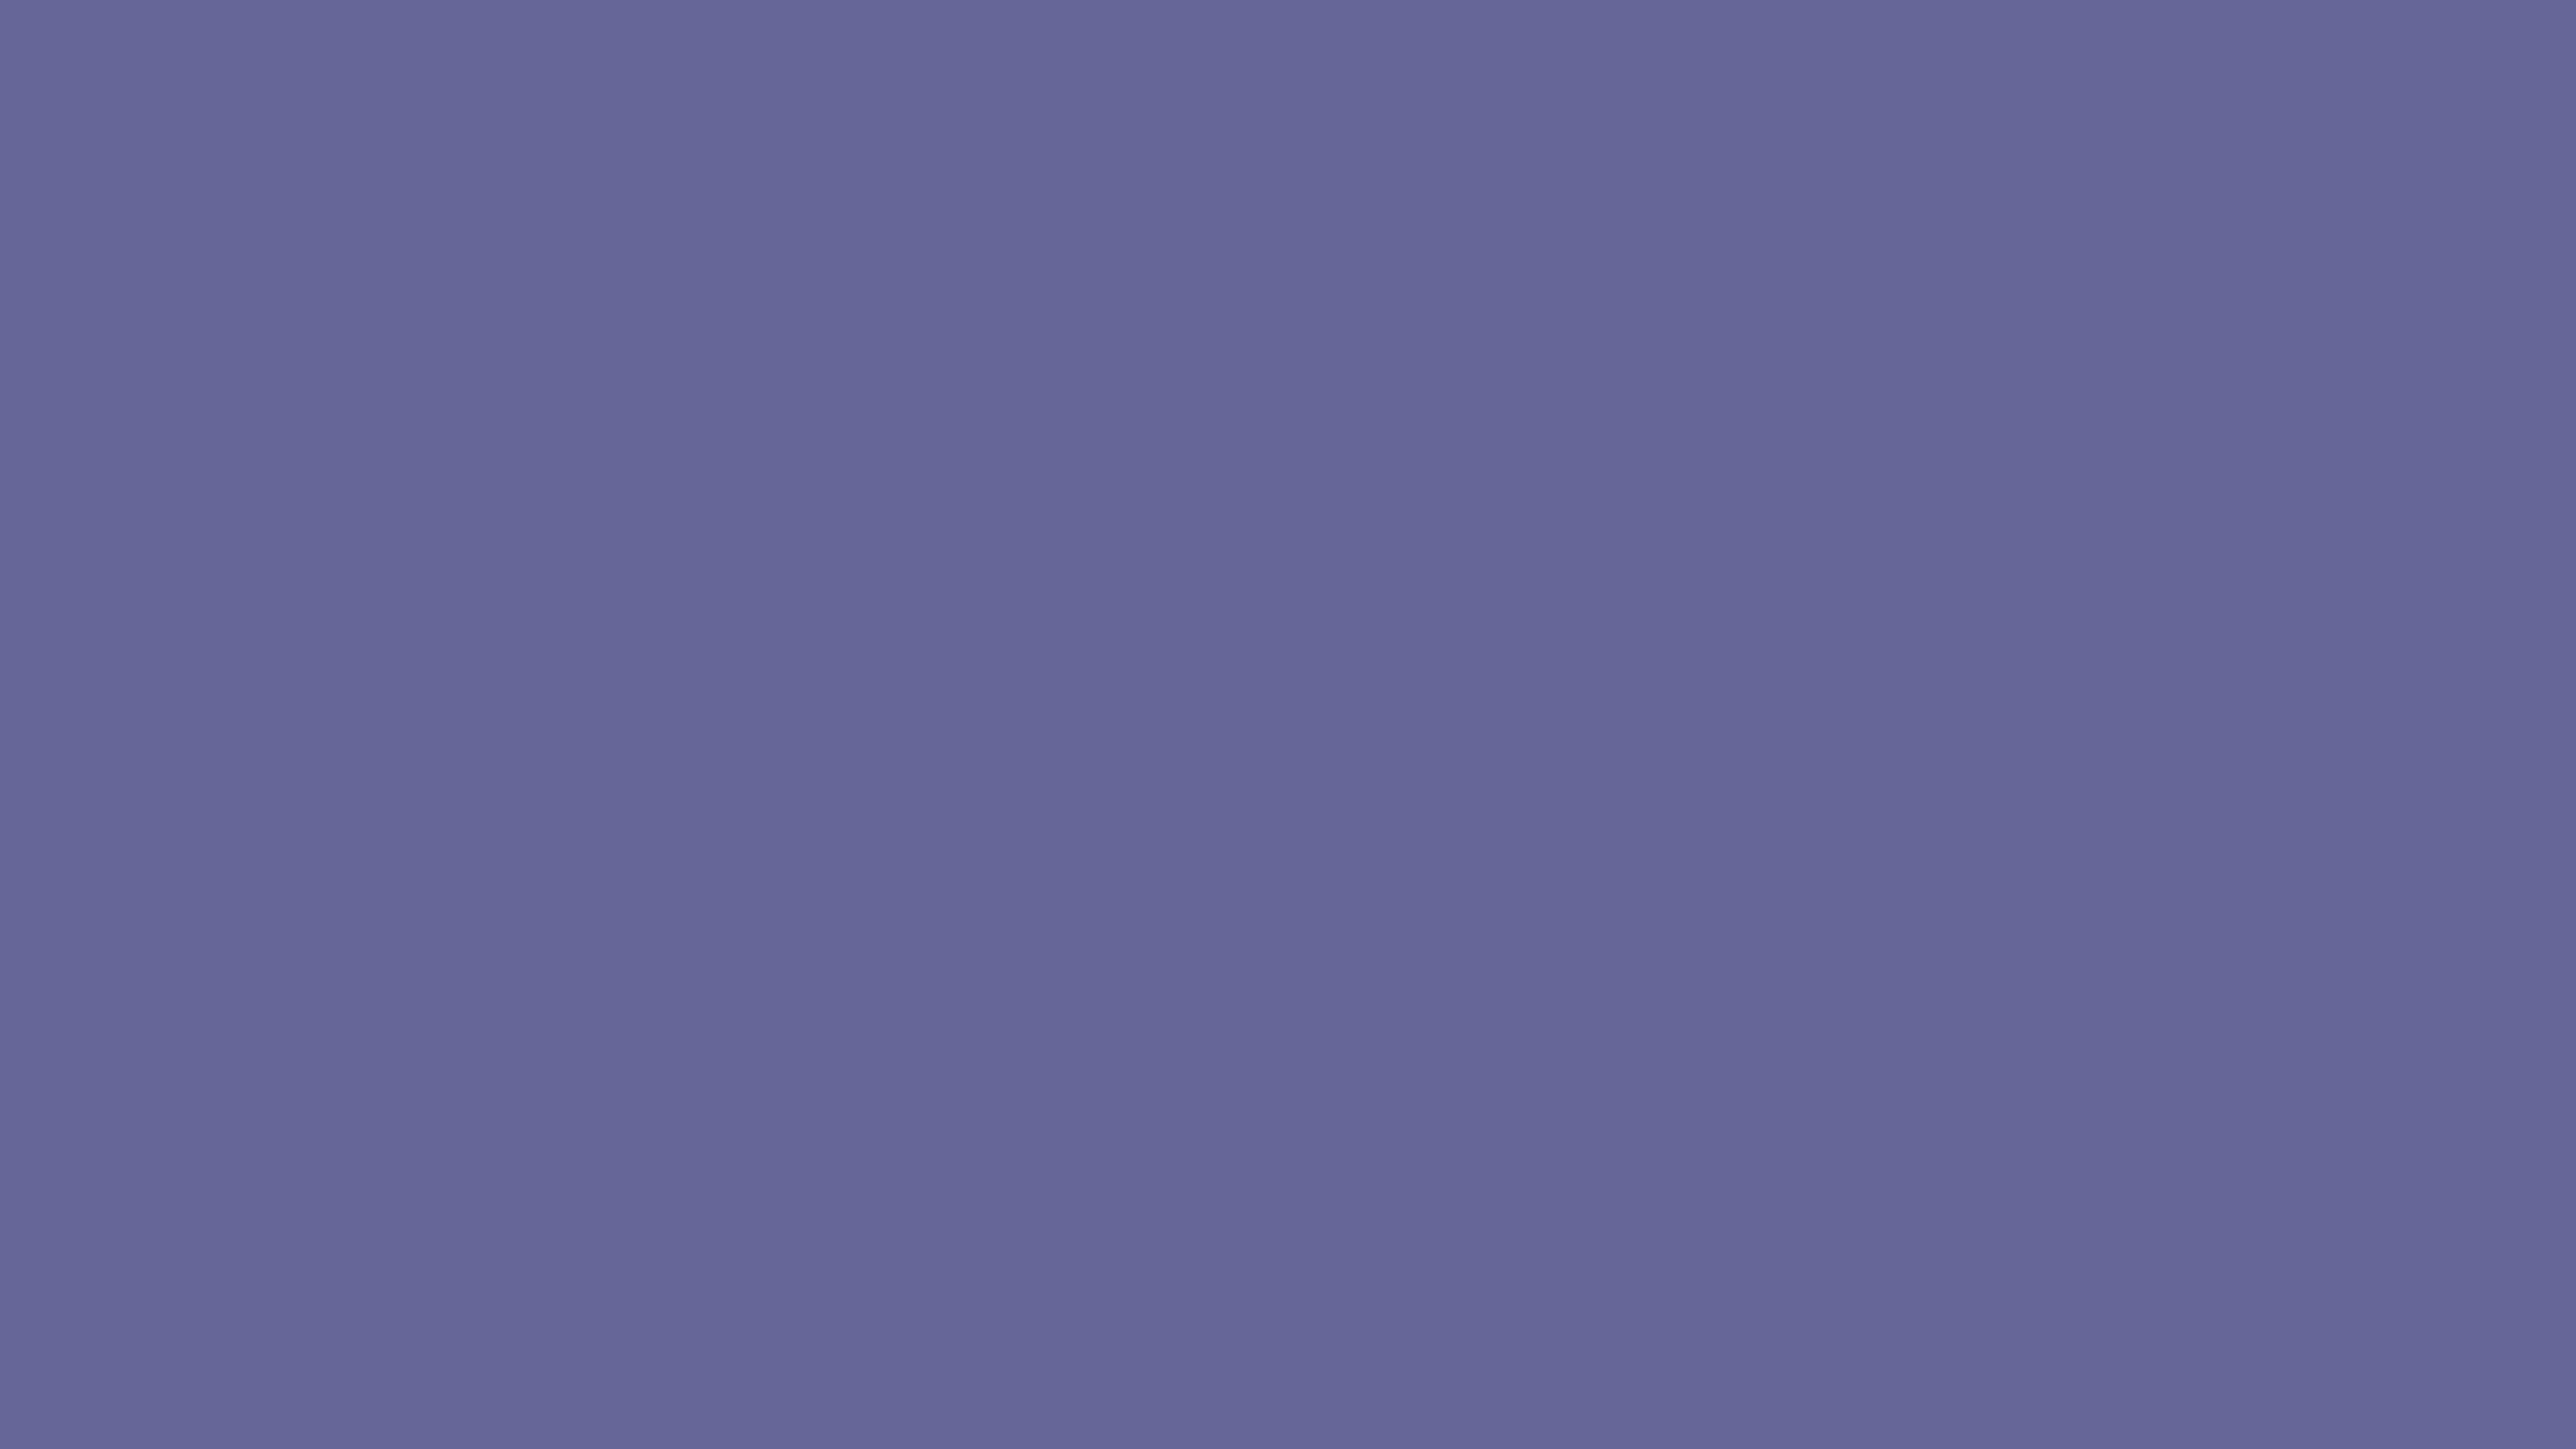 Dark Blue Gray Solid Color Background 8k Wallpaper Molzahn